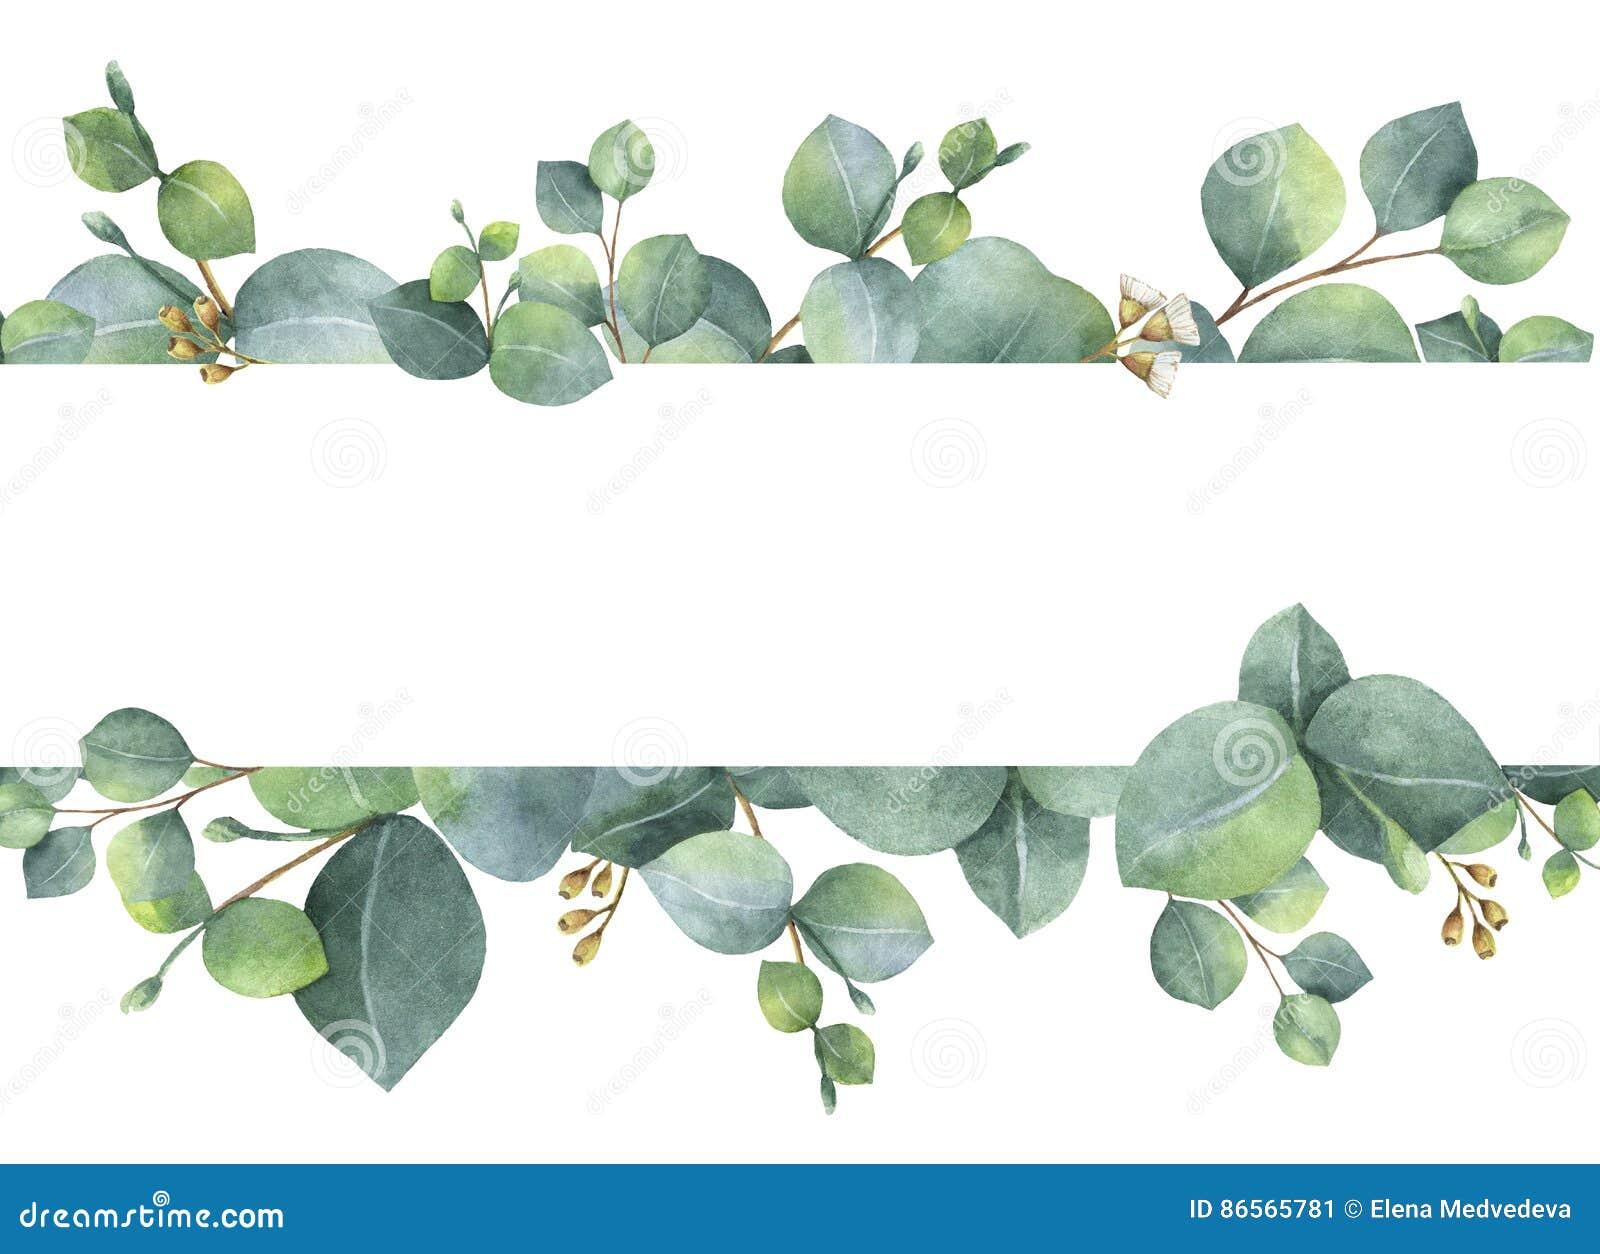 Tarjeta floral verde de la acuarela con las hojas y las ramas del eucalipto del dólar de plata aisladas en el fondo blanco